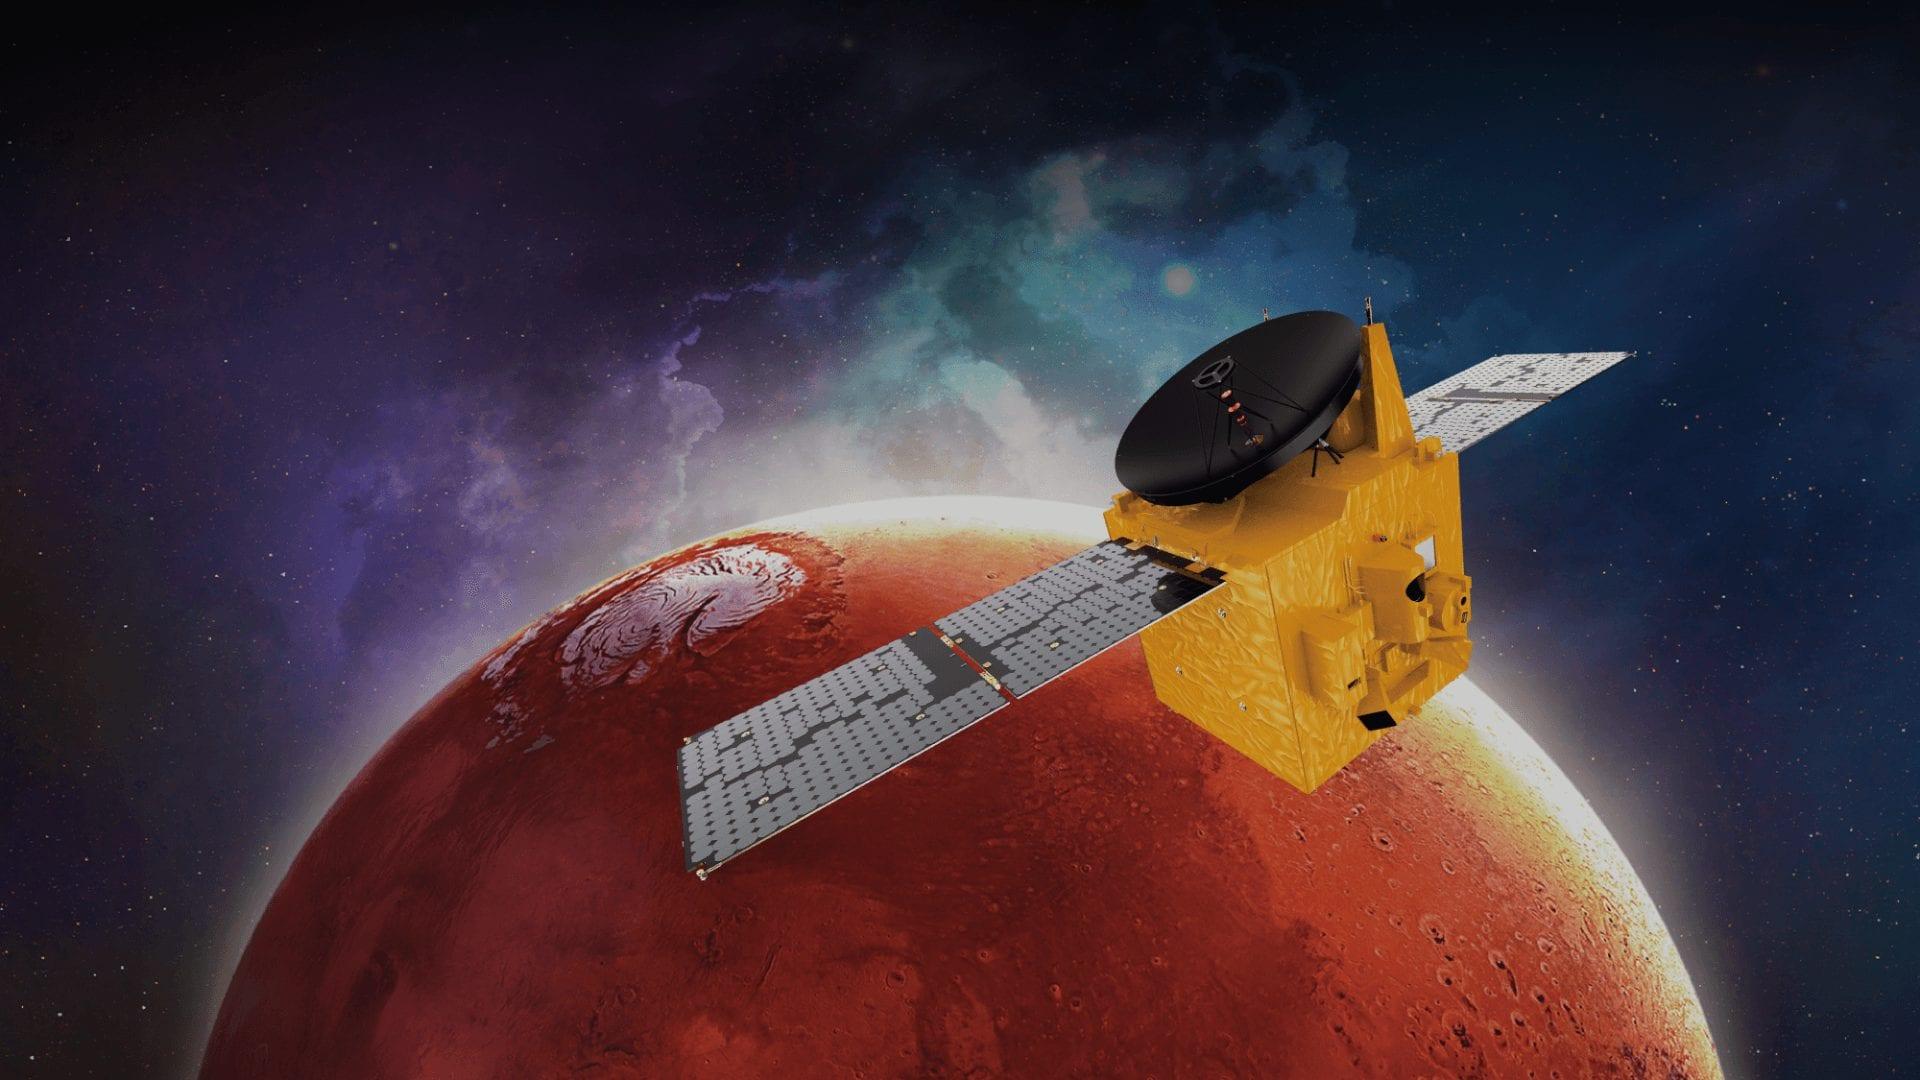 Emirati Arabi Uniti, domani il lancio nello spazio